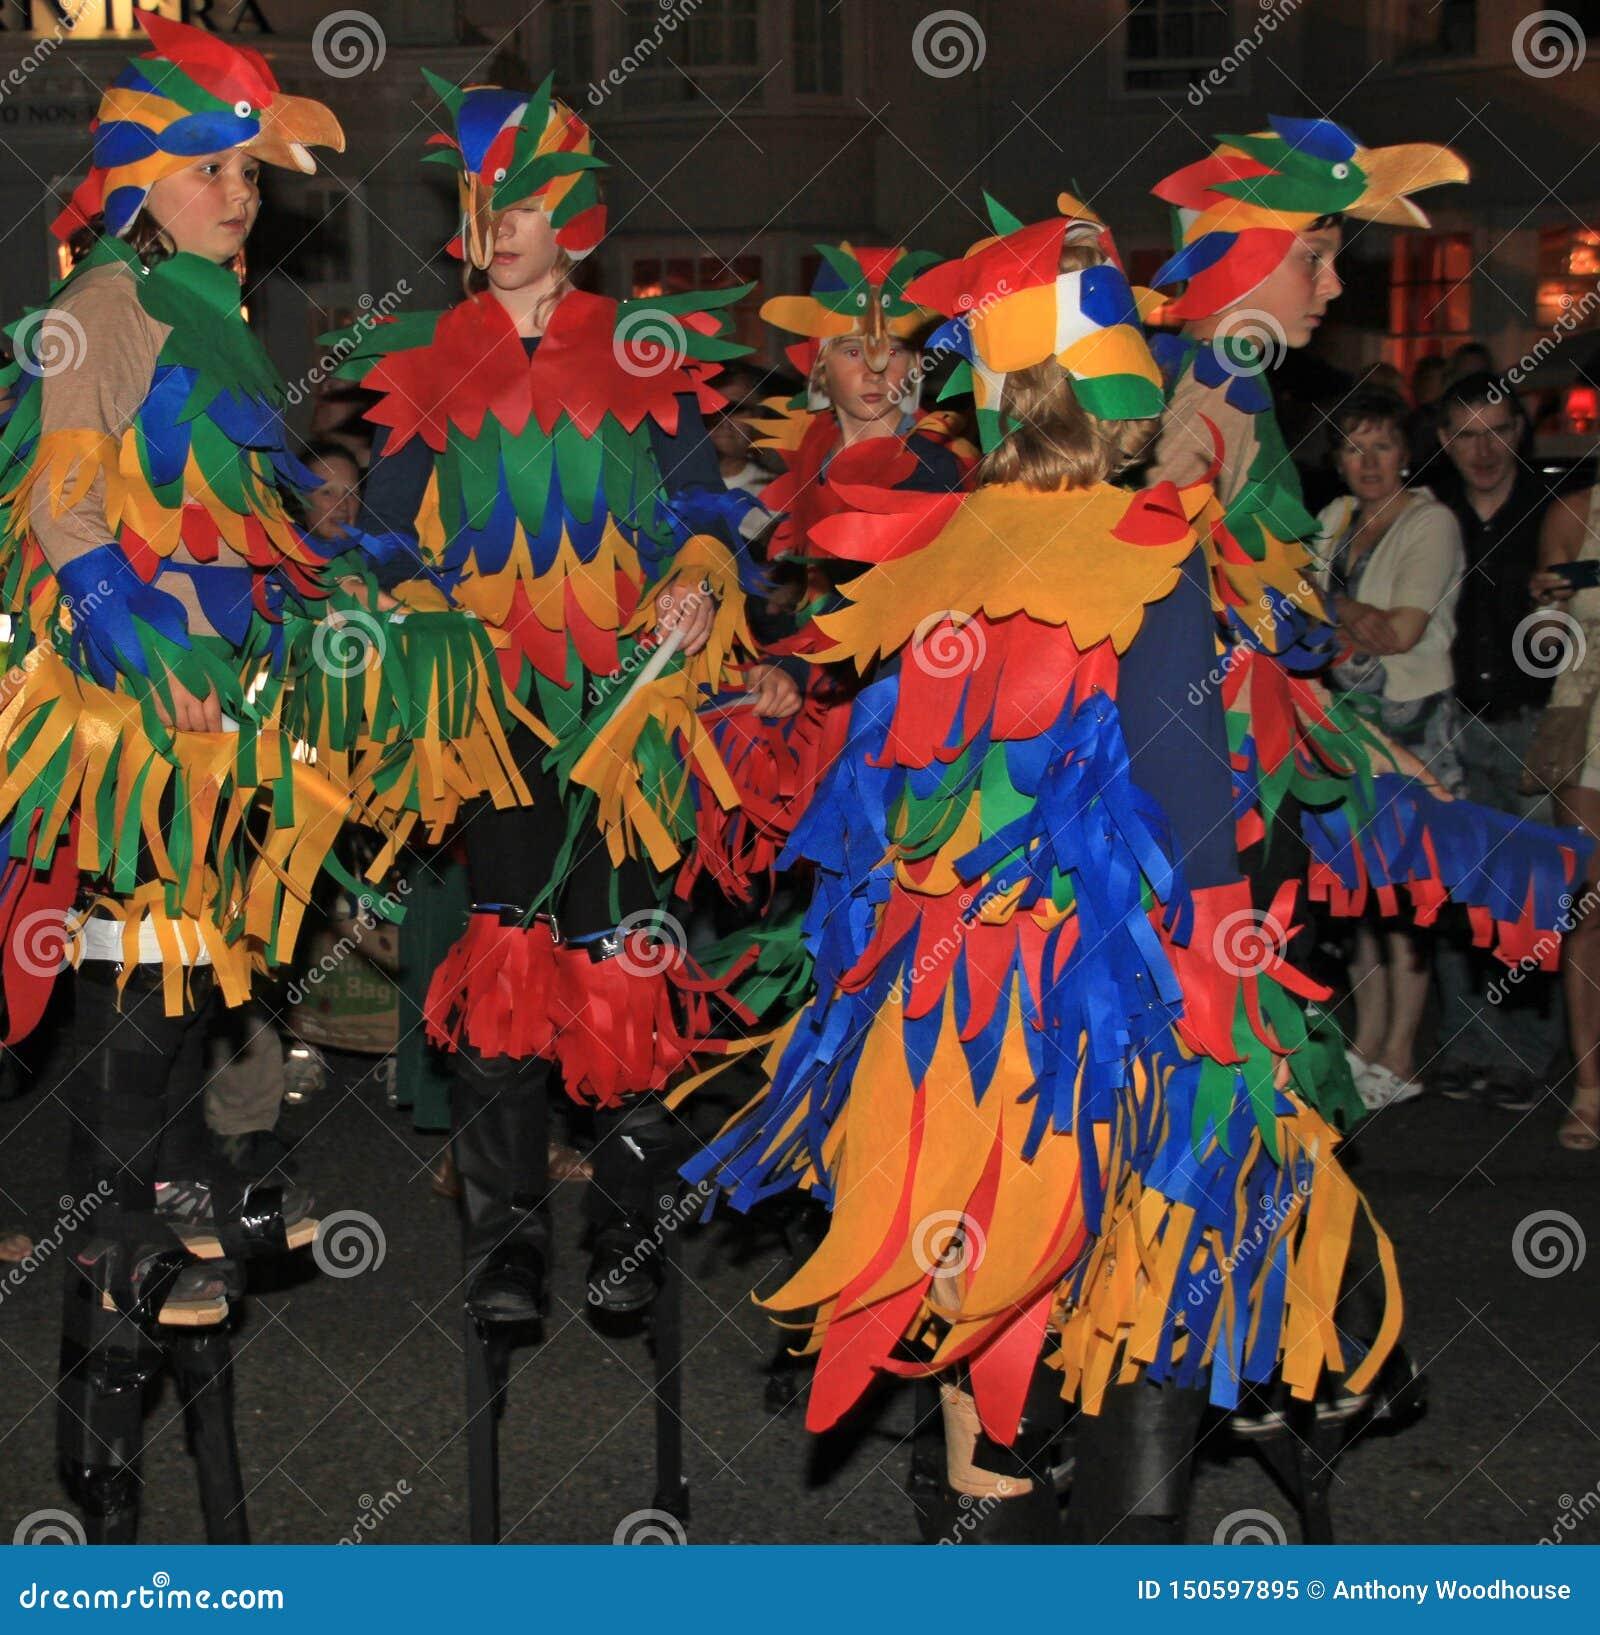 SIDMOUTH, DEVON, ANGLETERRE - 10 AOÛT 2012 : Enfants habillés vers le haut en tant que de perroquets colorés et de la marche sur